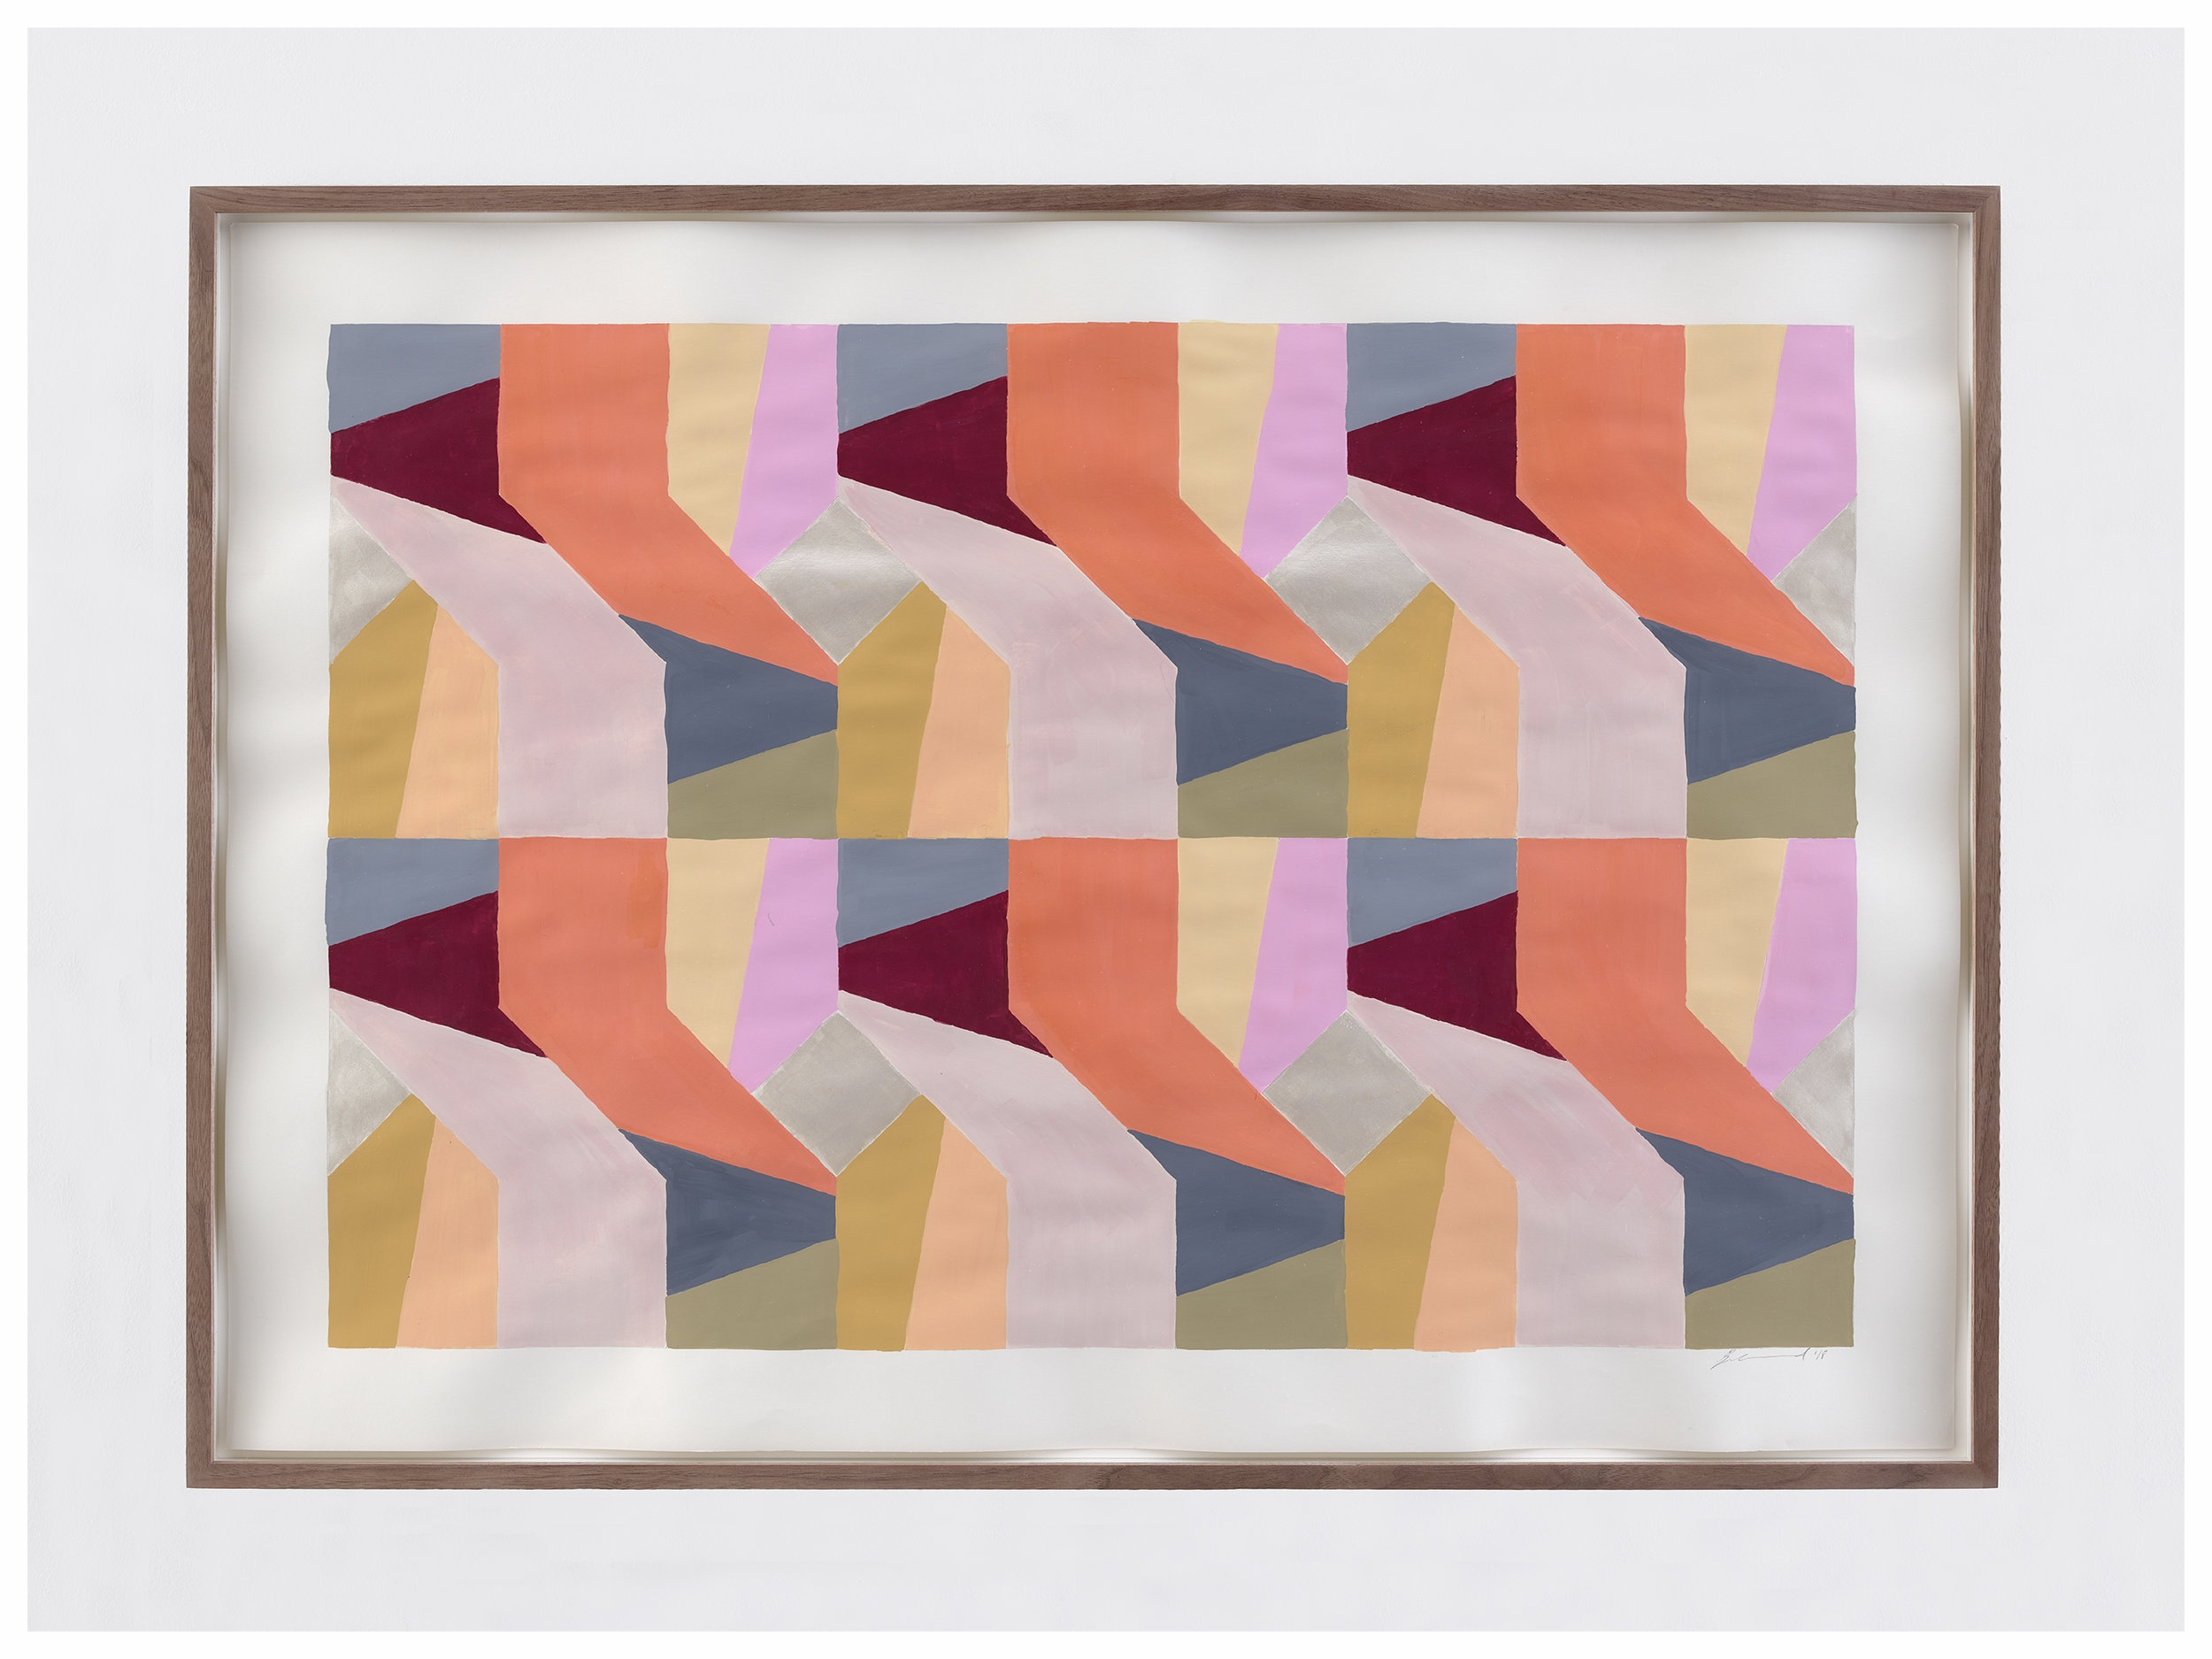 Tile_pattern_(nectarine)_low_res.jpg